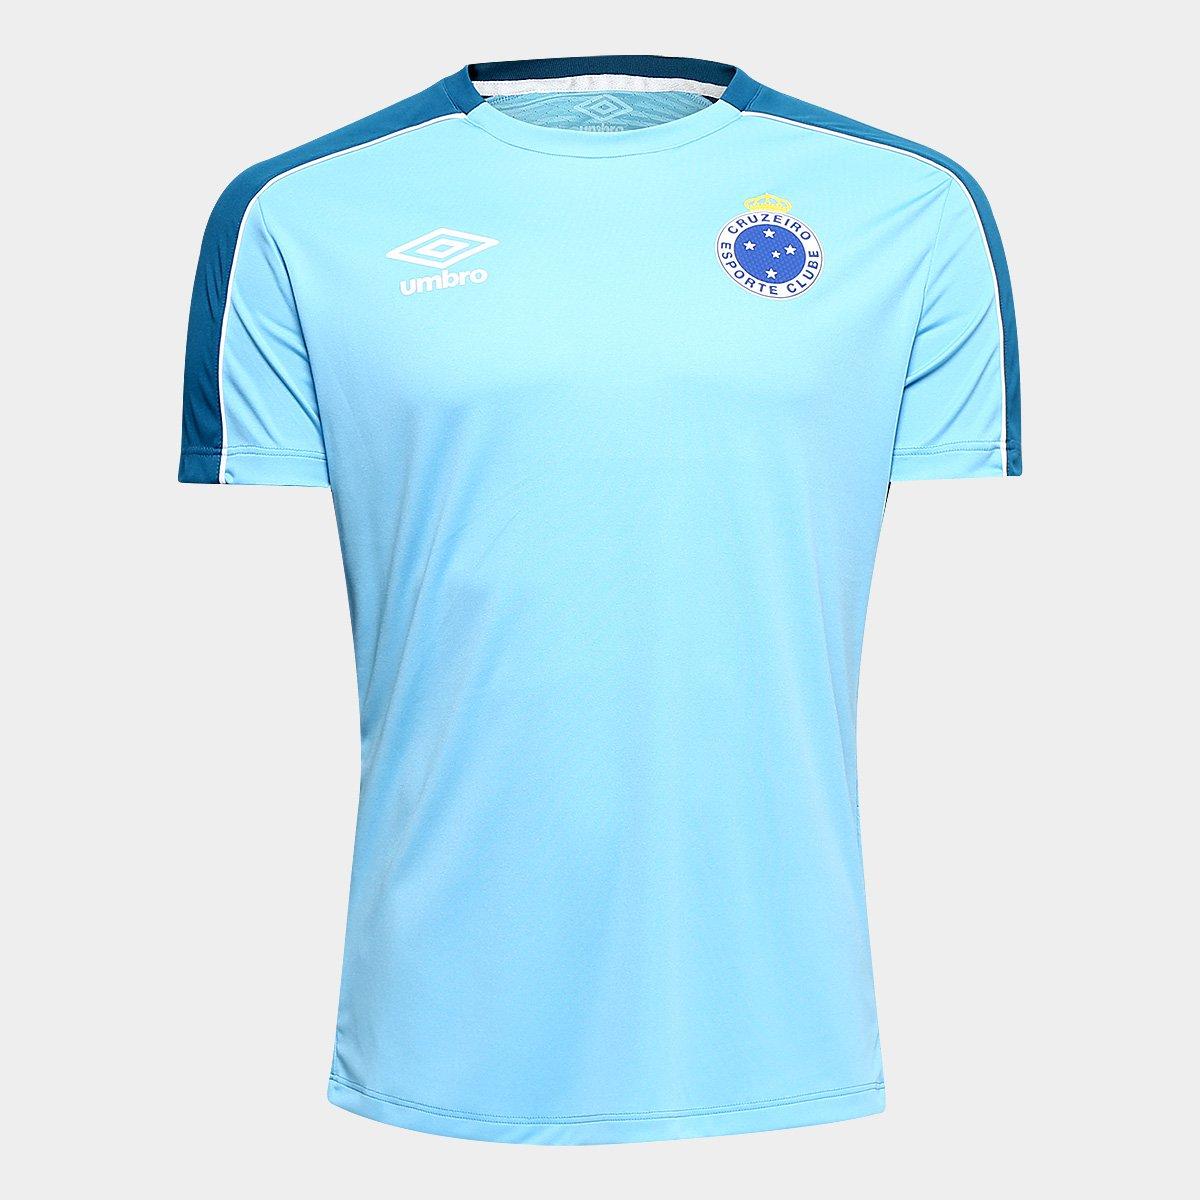 89a1bd3e54014 Camisa Cruzeiro 2019 Treino Umbro Masculina - Azul e Branco - Compre Agora